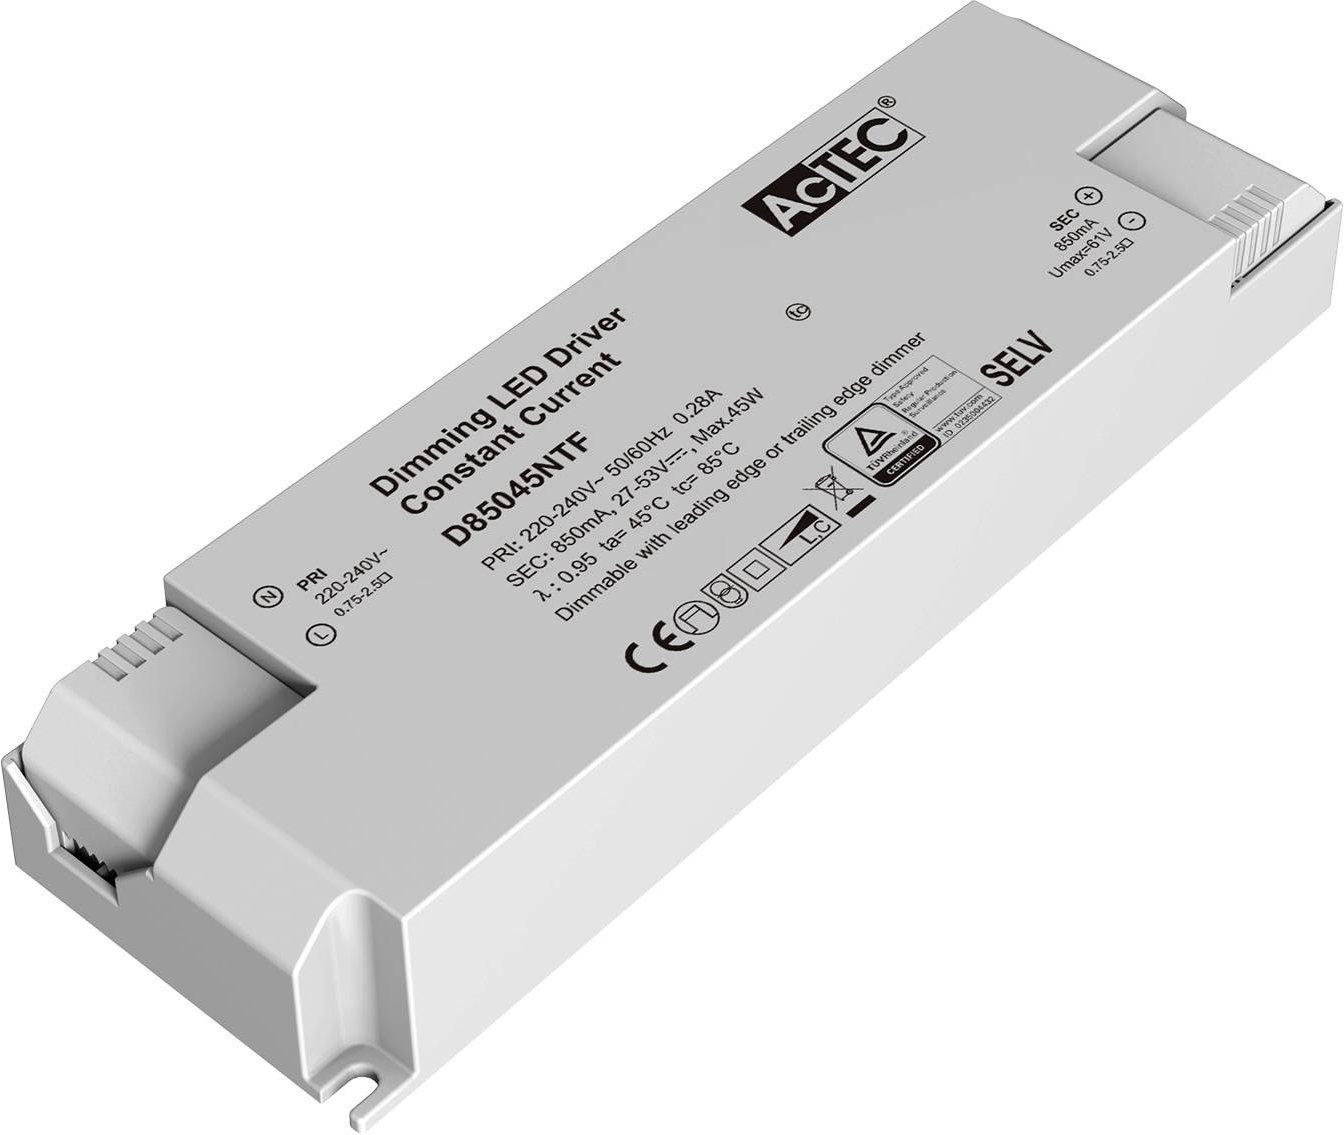 AcTEC Triac LED driver CC max  45 W 850 mA